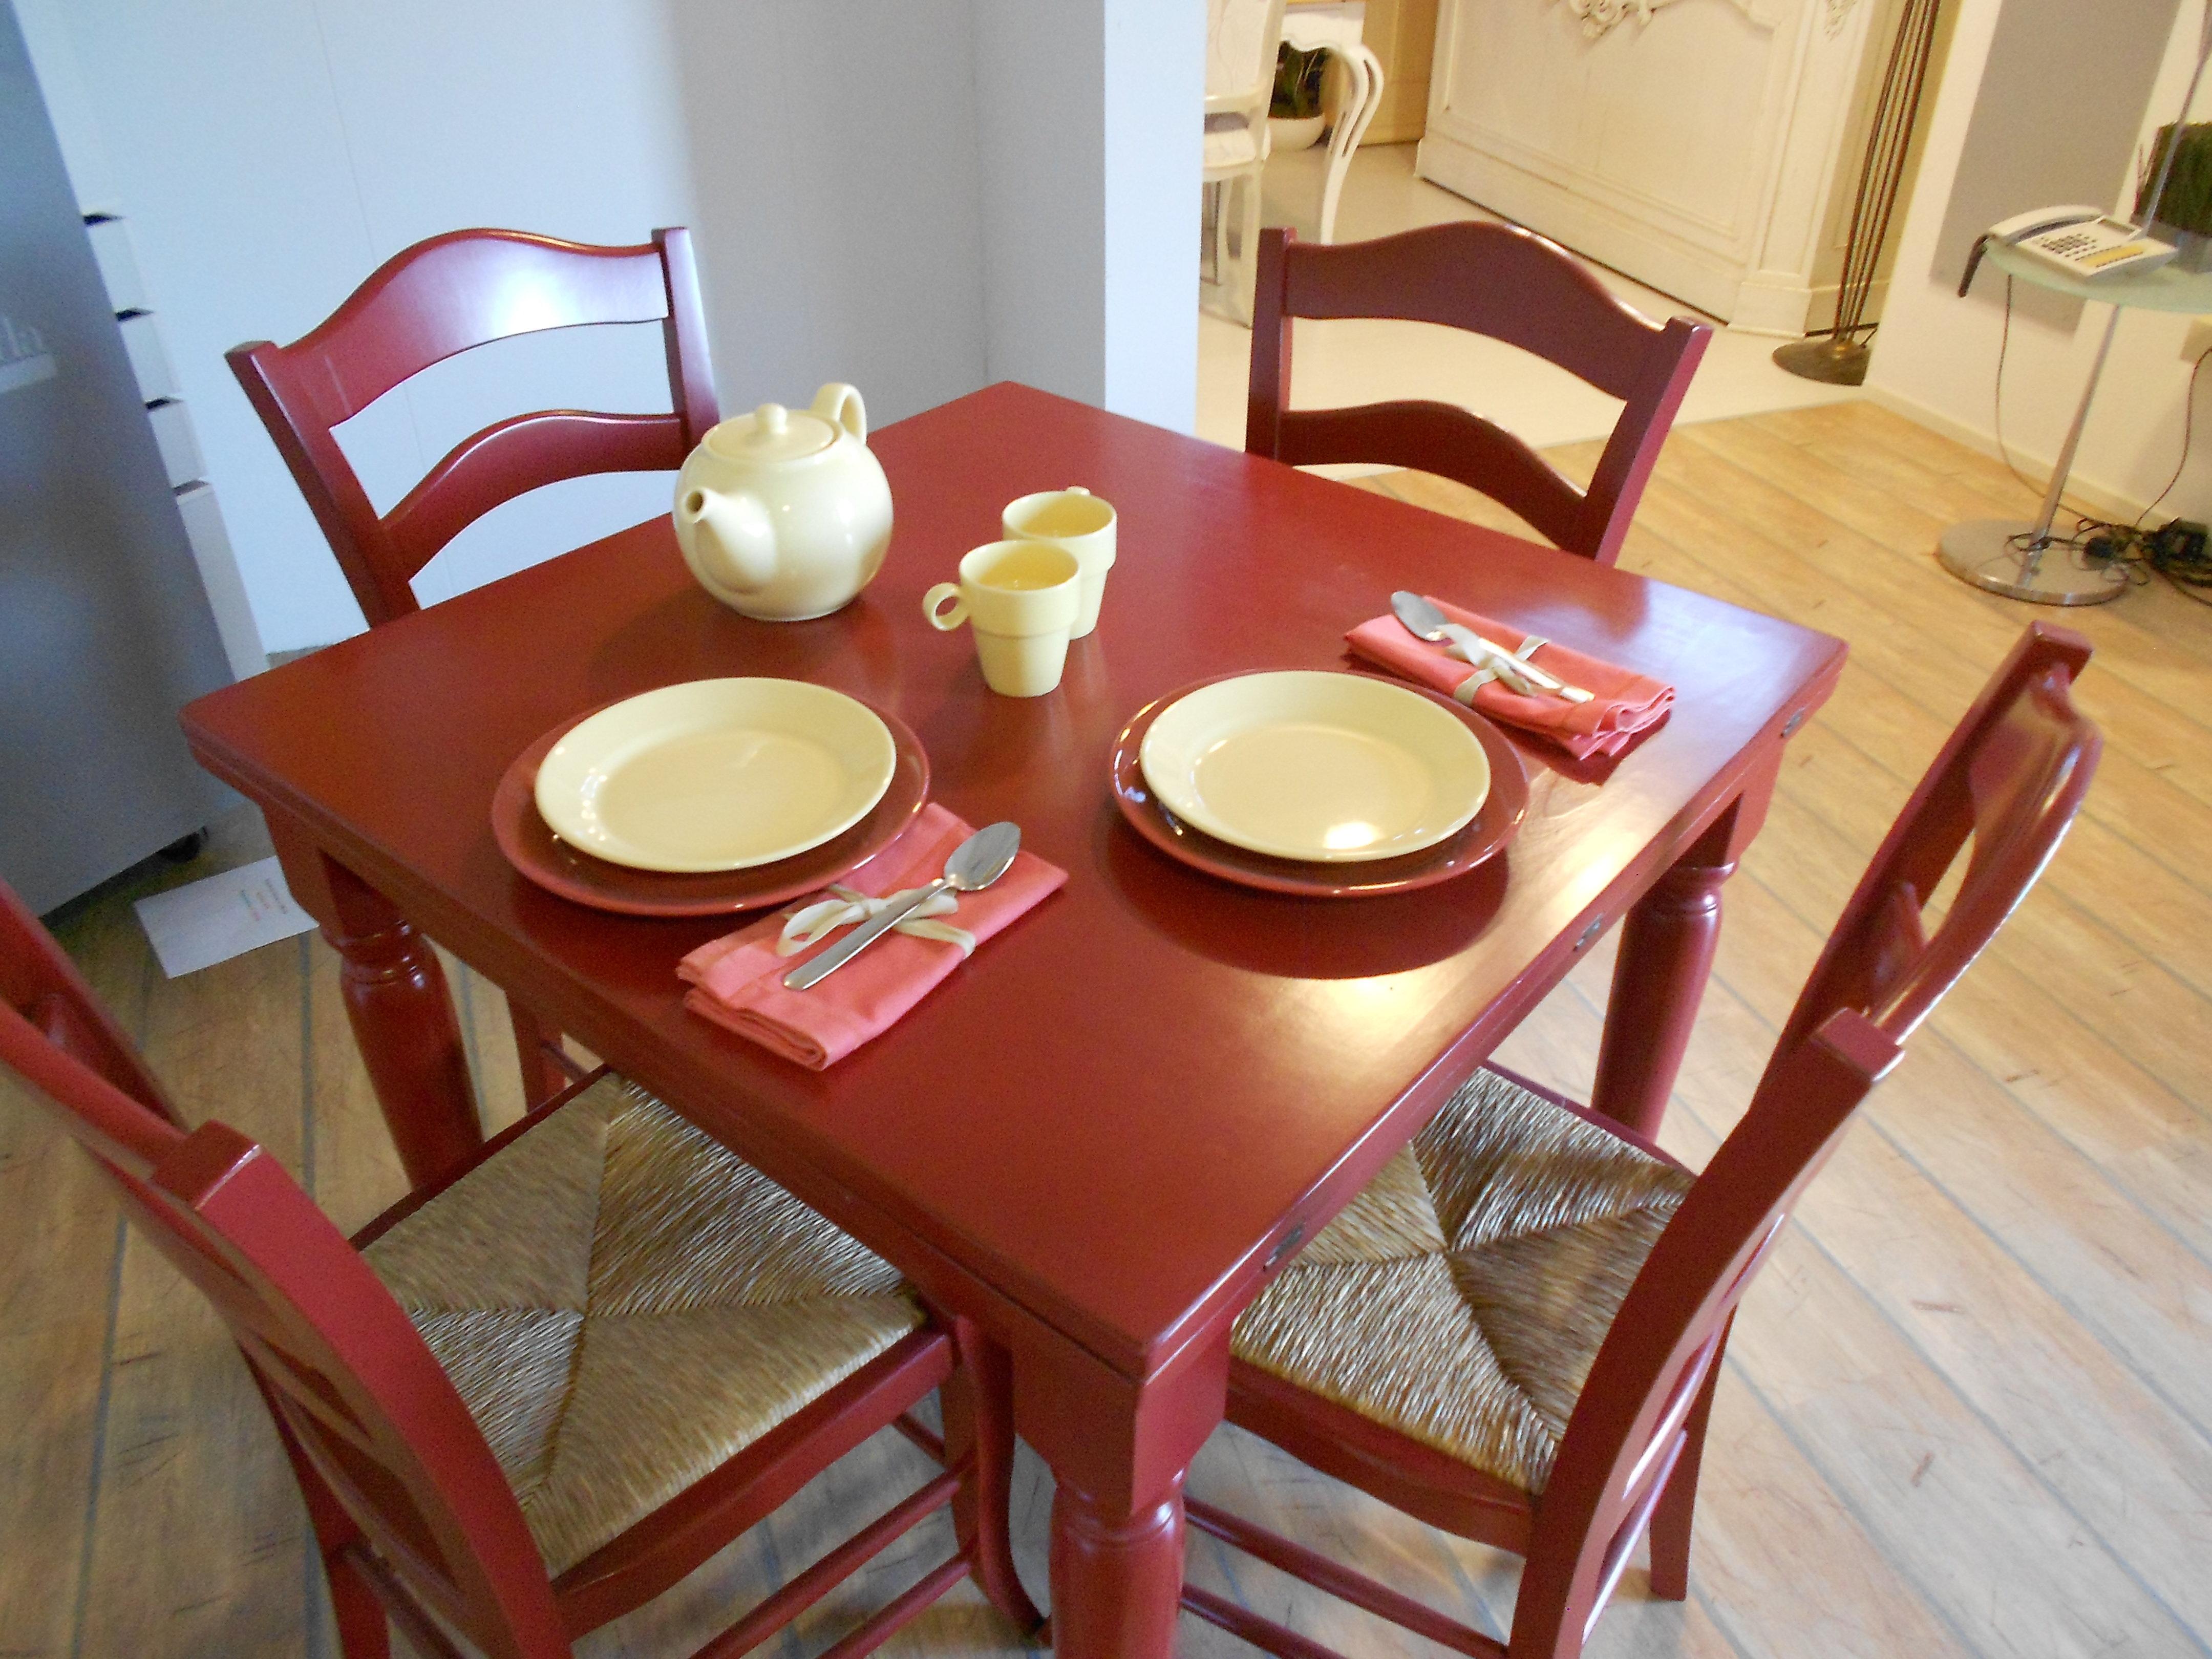 Tavolo e sedie in legno fratelli mirandola scontato del 40 for Tavoli e sedie da soggiorno